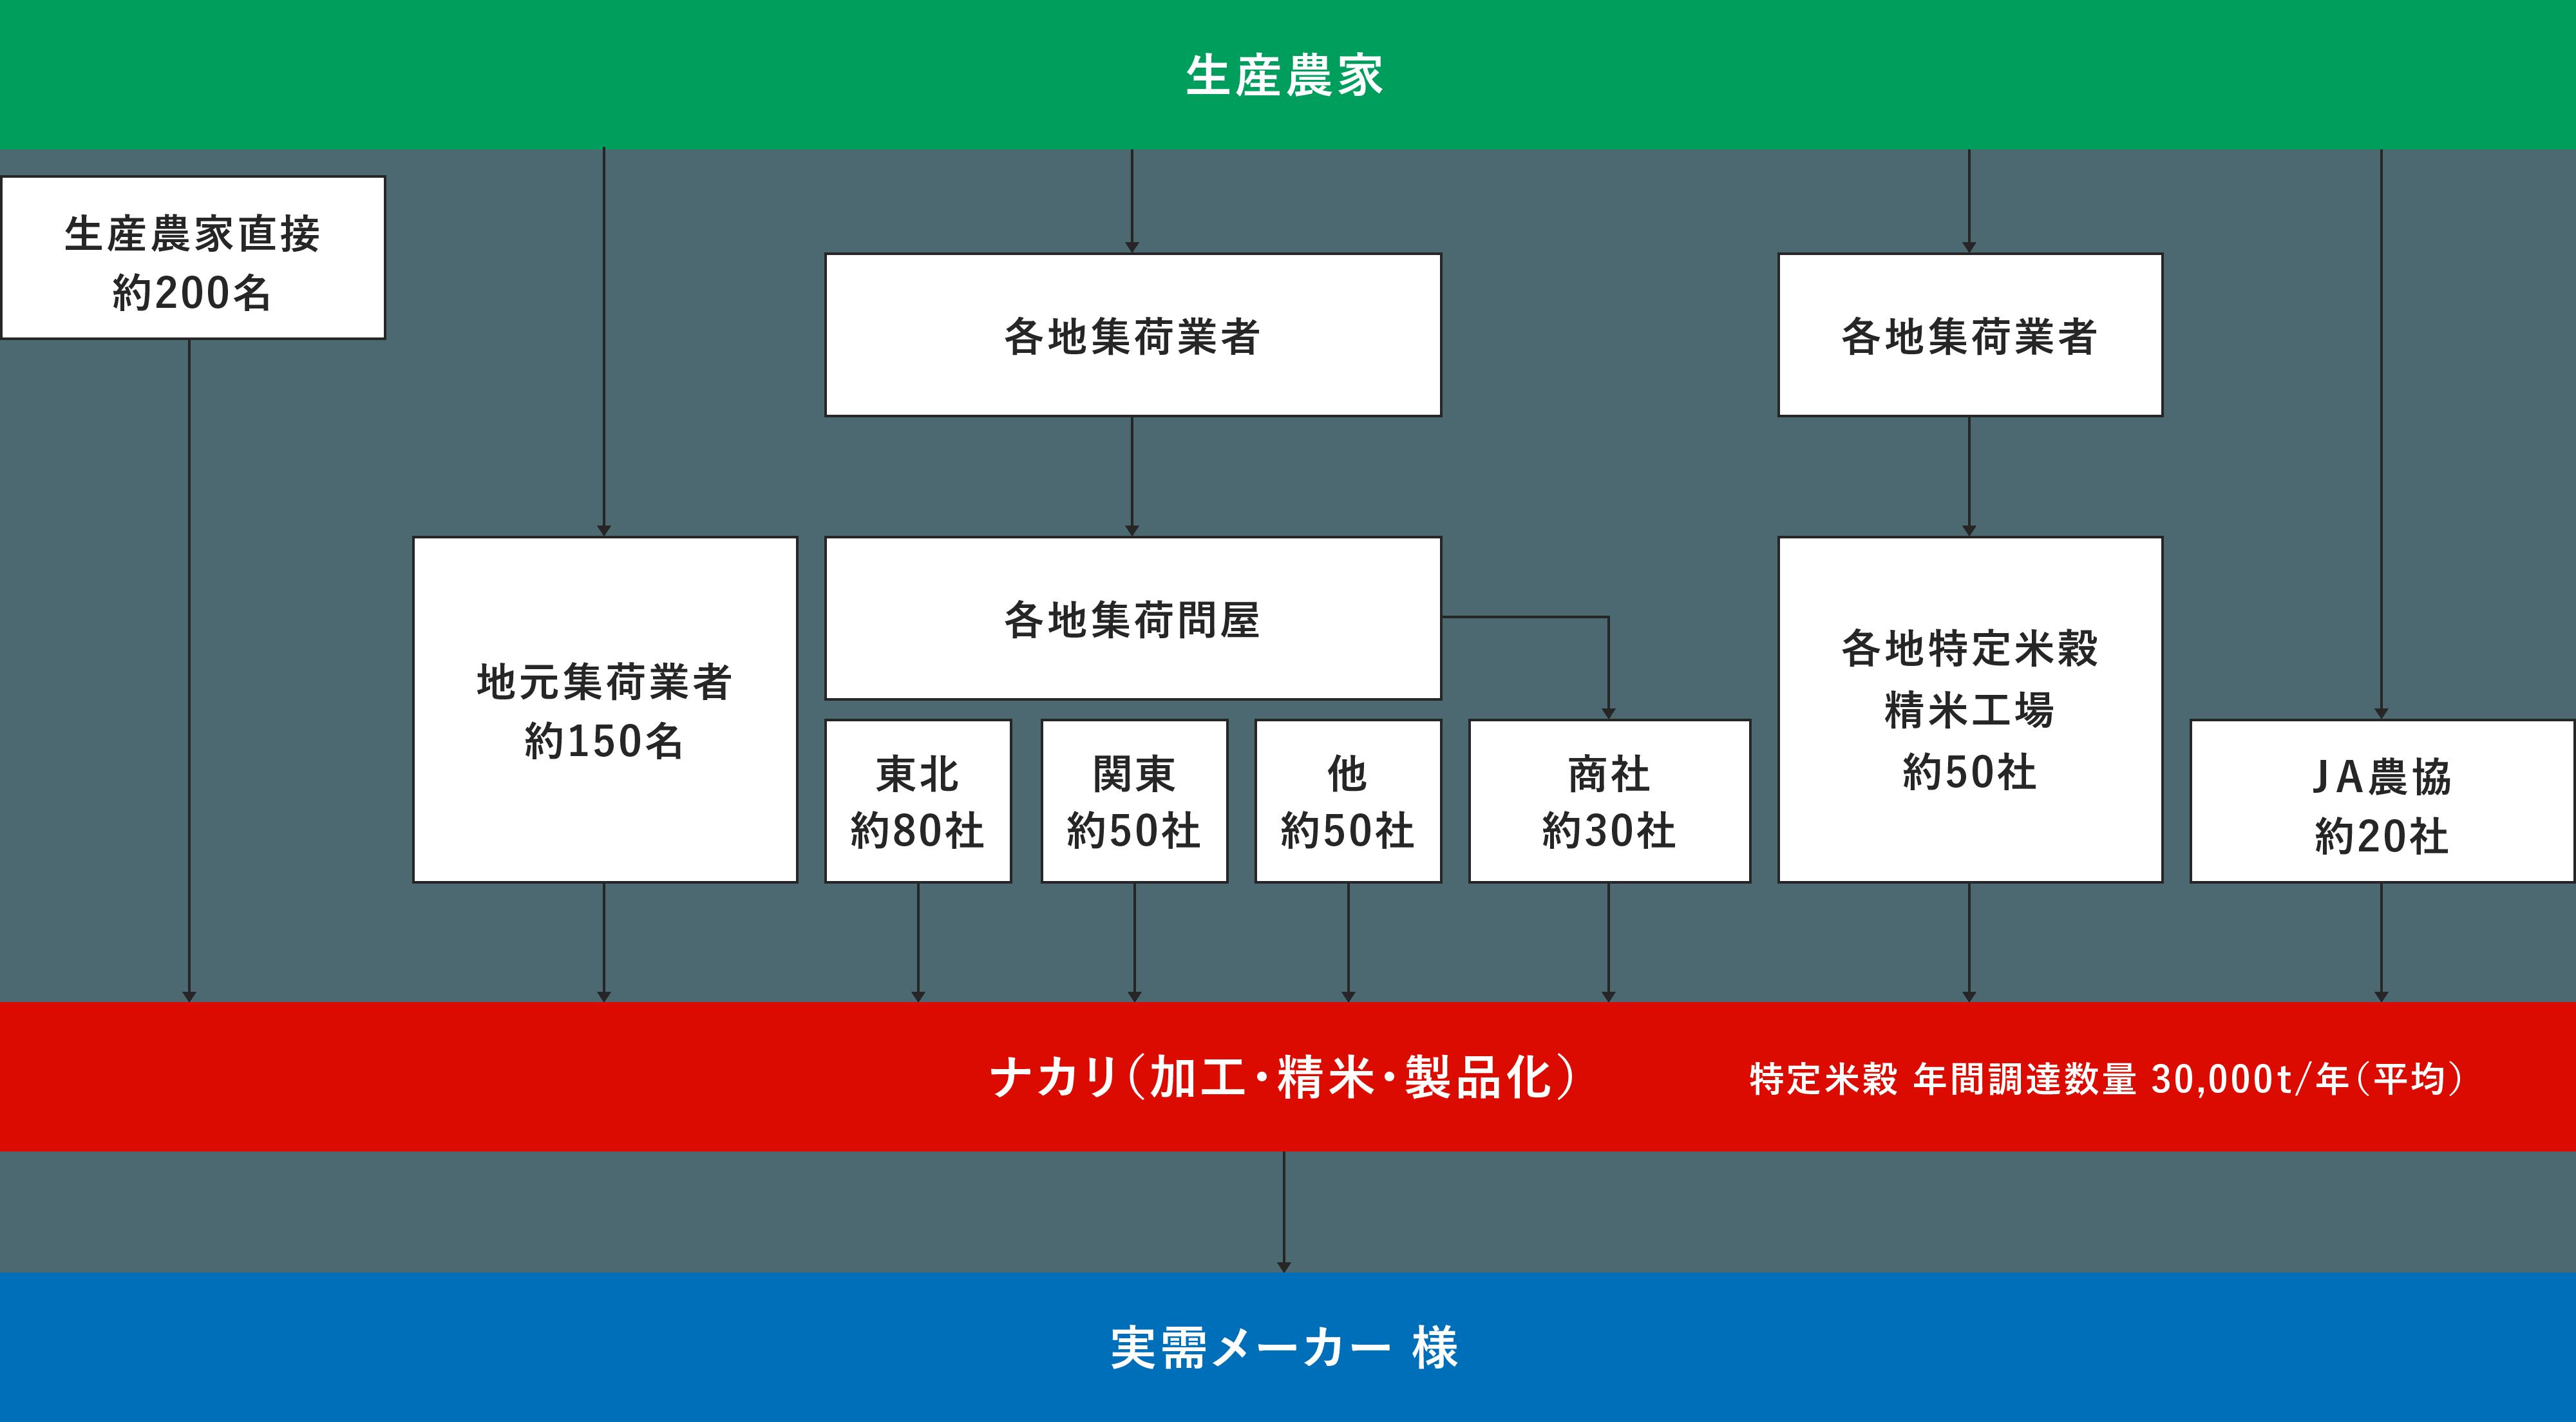 調達ルート図